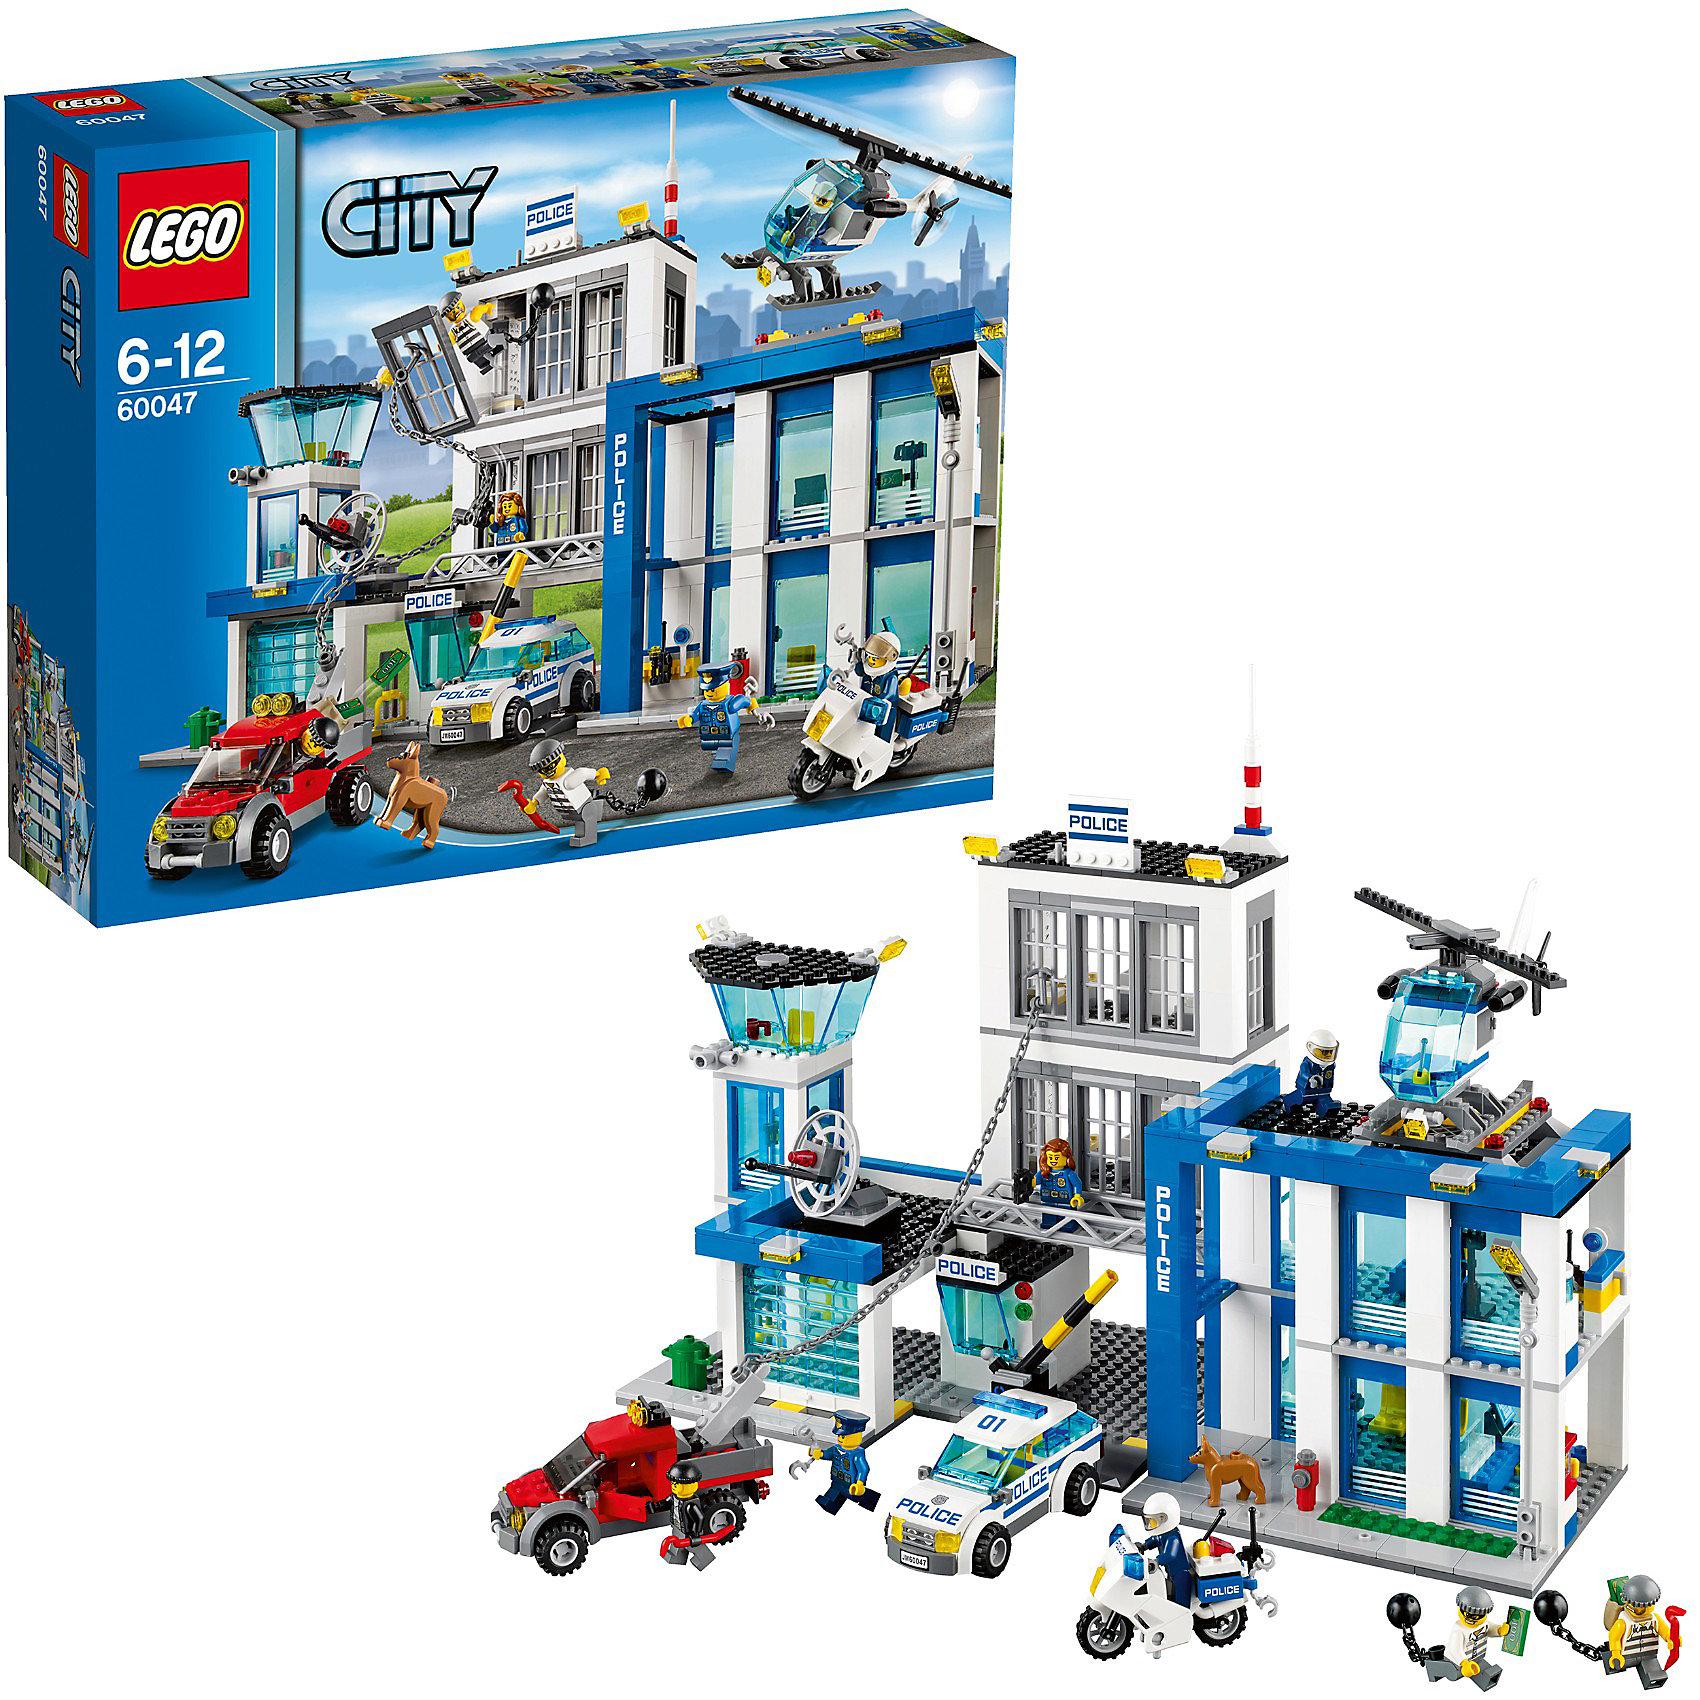 LEGO City 60047: Полицейский участокLEGO City (ЛЕГО Сити) 60047: Полицейский участок<br>В  необычном городе LEGO City непременно найдется место и строгим полицейским, и доброжелательным местным жителям, и заботливым работникам скорой помощи, а также всевозможным животным и красивым цветам и растениям. А по улицам волшебного ЛЕГО Сити пронесутся различные автомобили – крохотные и огромные, фантастичные и реалистичные.<br><br>Надо срочно включить сигнал тревоги в полицейском участке! Воришка на машине пытается организовать побег! Он цепью вырвал решётку тюрьме и помогает своему подельнику бежать. Надо обязательно остановить побег, смотри, этот заключённый пытается бежать через люк в крыше, а третий вырыл тайный ход для побега через туалеты! Нельзя терять время! Садись в полицейский вертолёт и выследи беглецов с воздуха, после обнаружения преследуй их на полицейской машине или мотоцикле. Быстрее, пока они не скрылись!<br>В набор входят 7 минифигурок с разнообразными аксессуарами: 3 полицейских, женщина-полицейский и 3 преступника.<br><br>Дополнительная информация:<br><br>- Количество деталей: 854 шт.<br>- 7 минифигурок в комплекте, а также фигурка собаки.<br>- Серия: ЛЕГО Сити<br>- Подсерия: Полиция<br>- Материал: пластик<br>- Размер упаковки: 0.378 х 0.112 х 0.48 м<br>- Вес: 2.268 кг<br>- Размеры Полицейского участка: 32 х 45 х 16 см<br>- Размеры полицейской машины: 5 х 5 х 11 см<br>- Размеры полицейского мотоцикла: 7 х 4 х 6 см<br>- Размеры полицейского вертолета: 8 х 5 х 20 см<br><br>Конструктор LEGO City (ЛЕГО Сити) 60047: Полицейский участок можно купить в нашем интернет-магазине.<br><br>Ширина мм: 480<br>Глубина мм: 375<br>Высота мм: 119<br>Вес г: 2102<br>Возраст от месяцев: 72<br>Возраст до месяцев: 144<br>Пол: Мужской<br>Возраст: Детский<br>SKU: 3342549